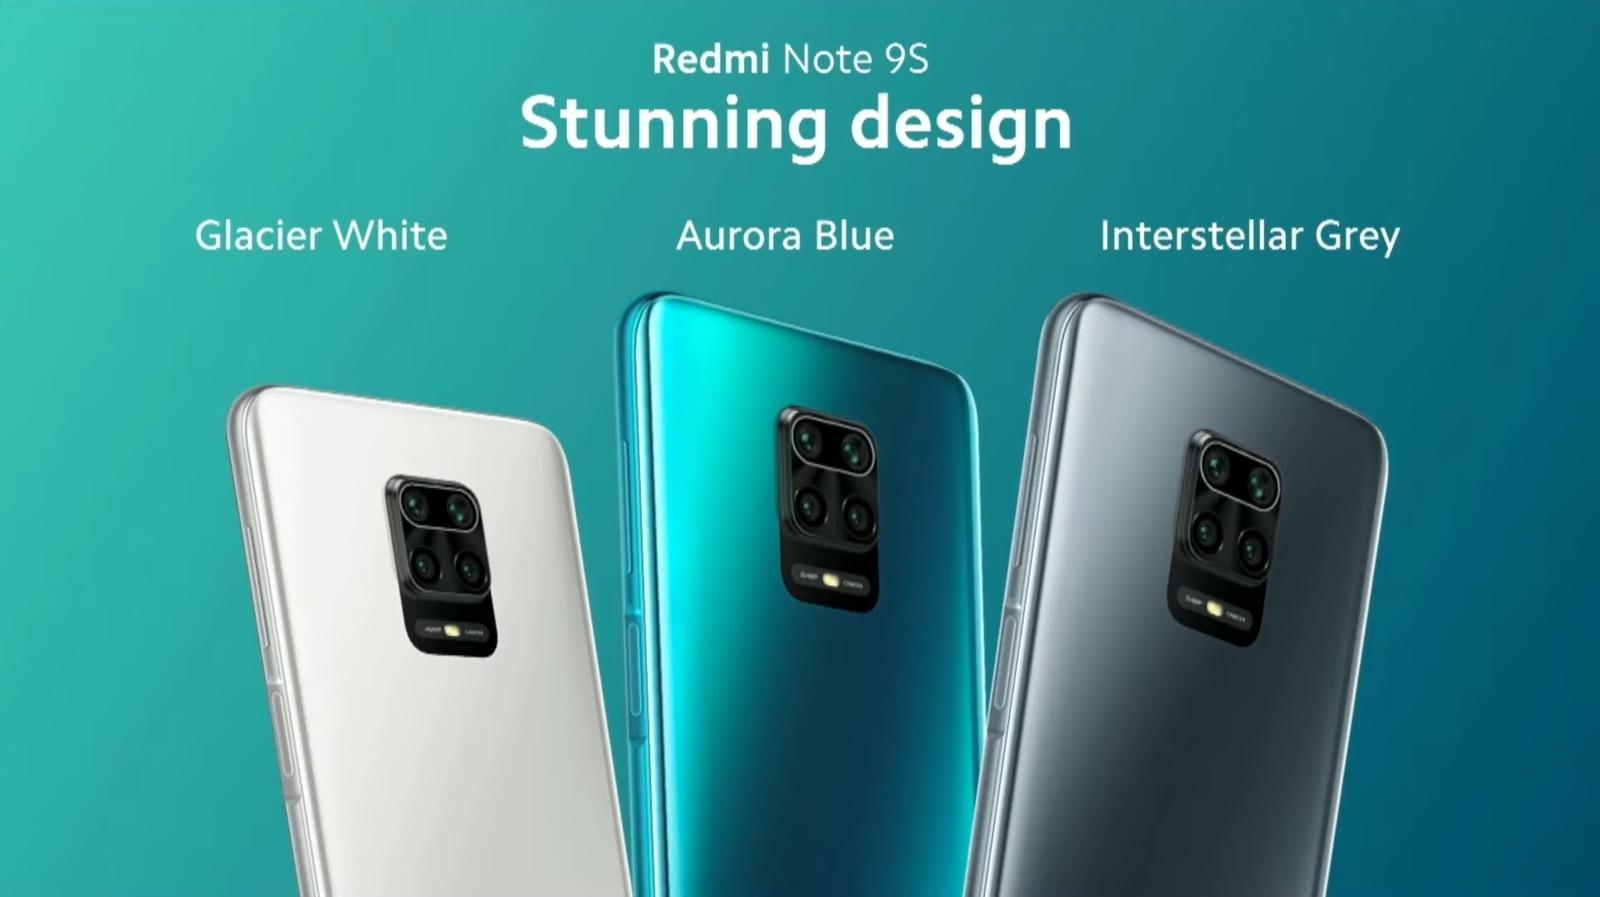 シャオミ、「Redmi Note 9s」を日本発売へ